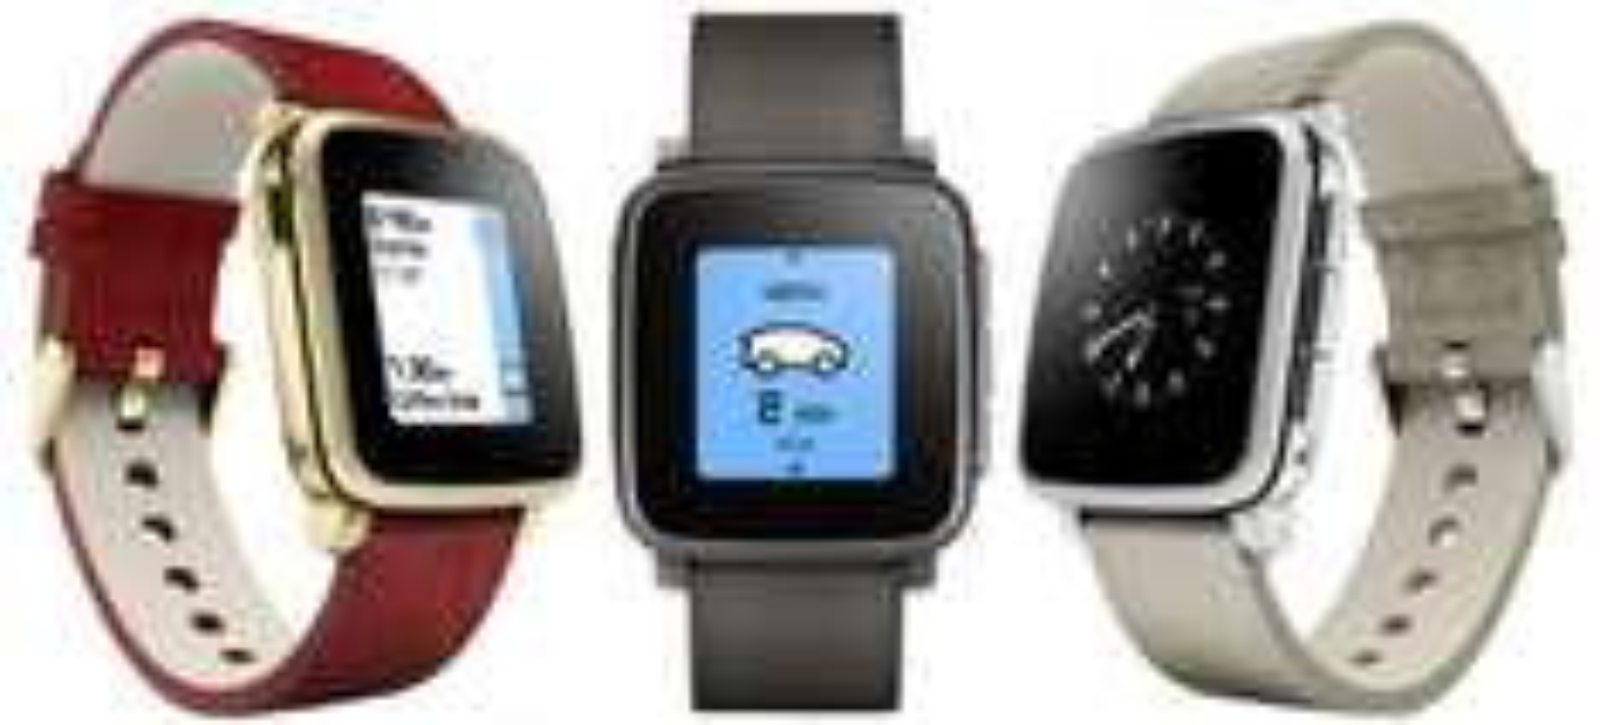 Pebble Time Steel Smartwatch zum halben Preis [Rückläufer] - ebay-WOW